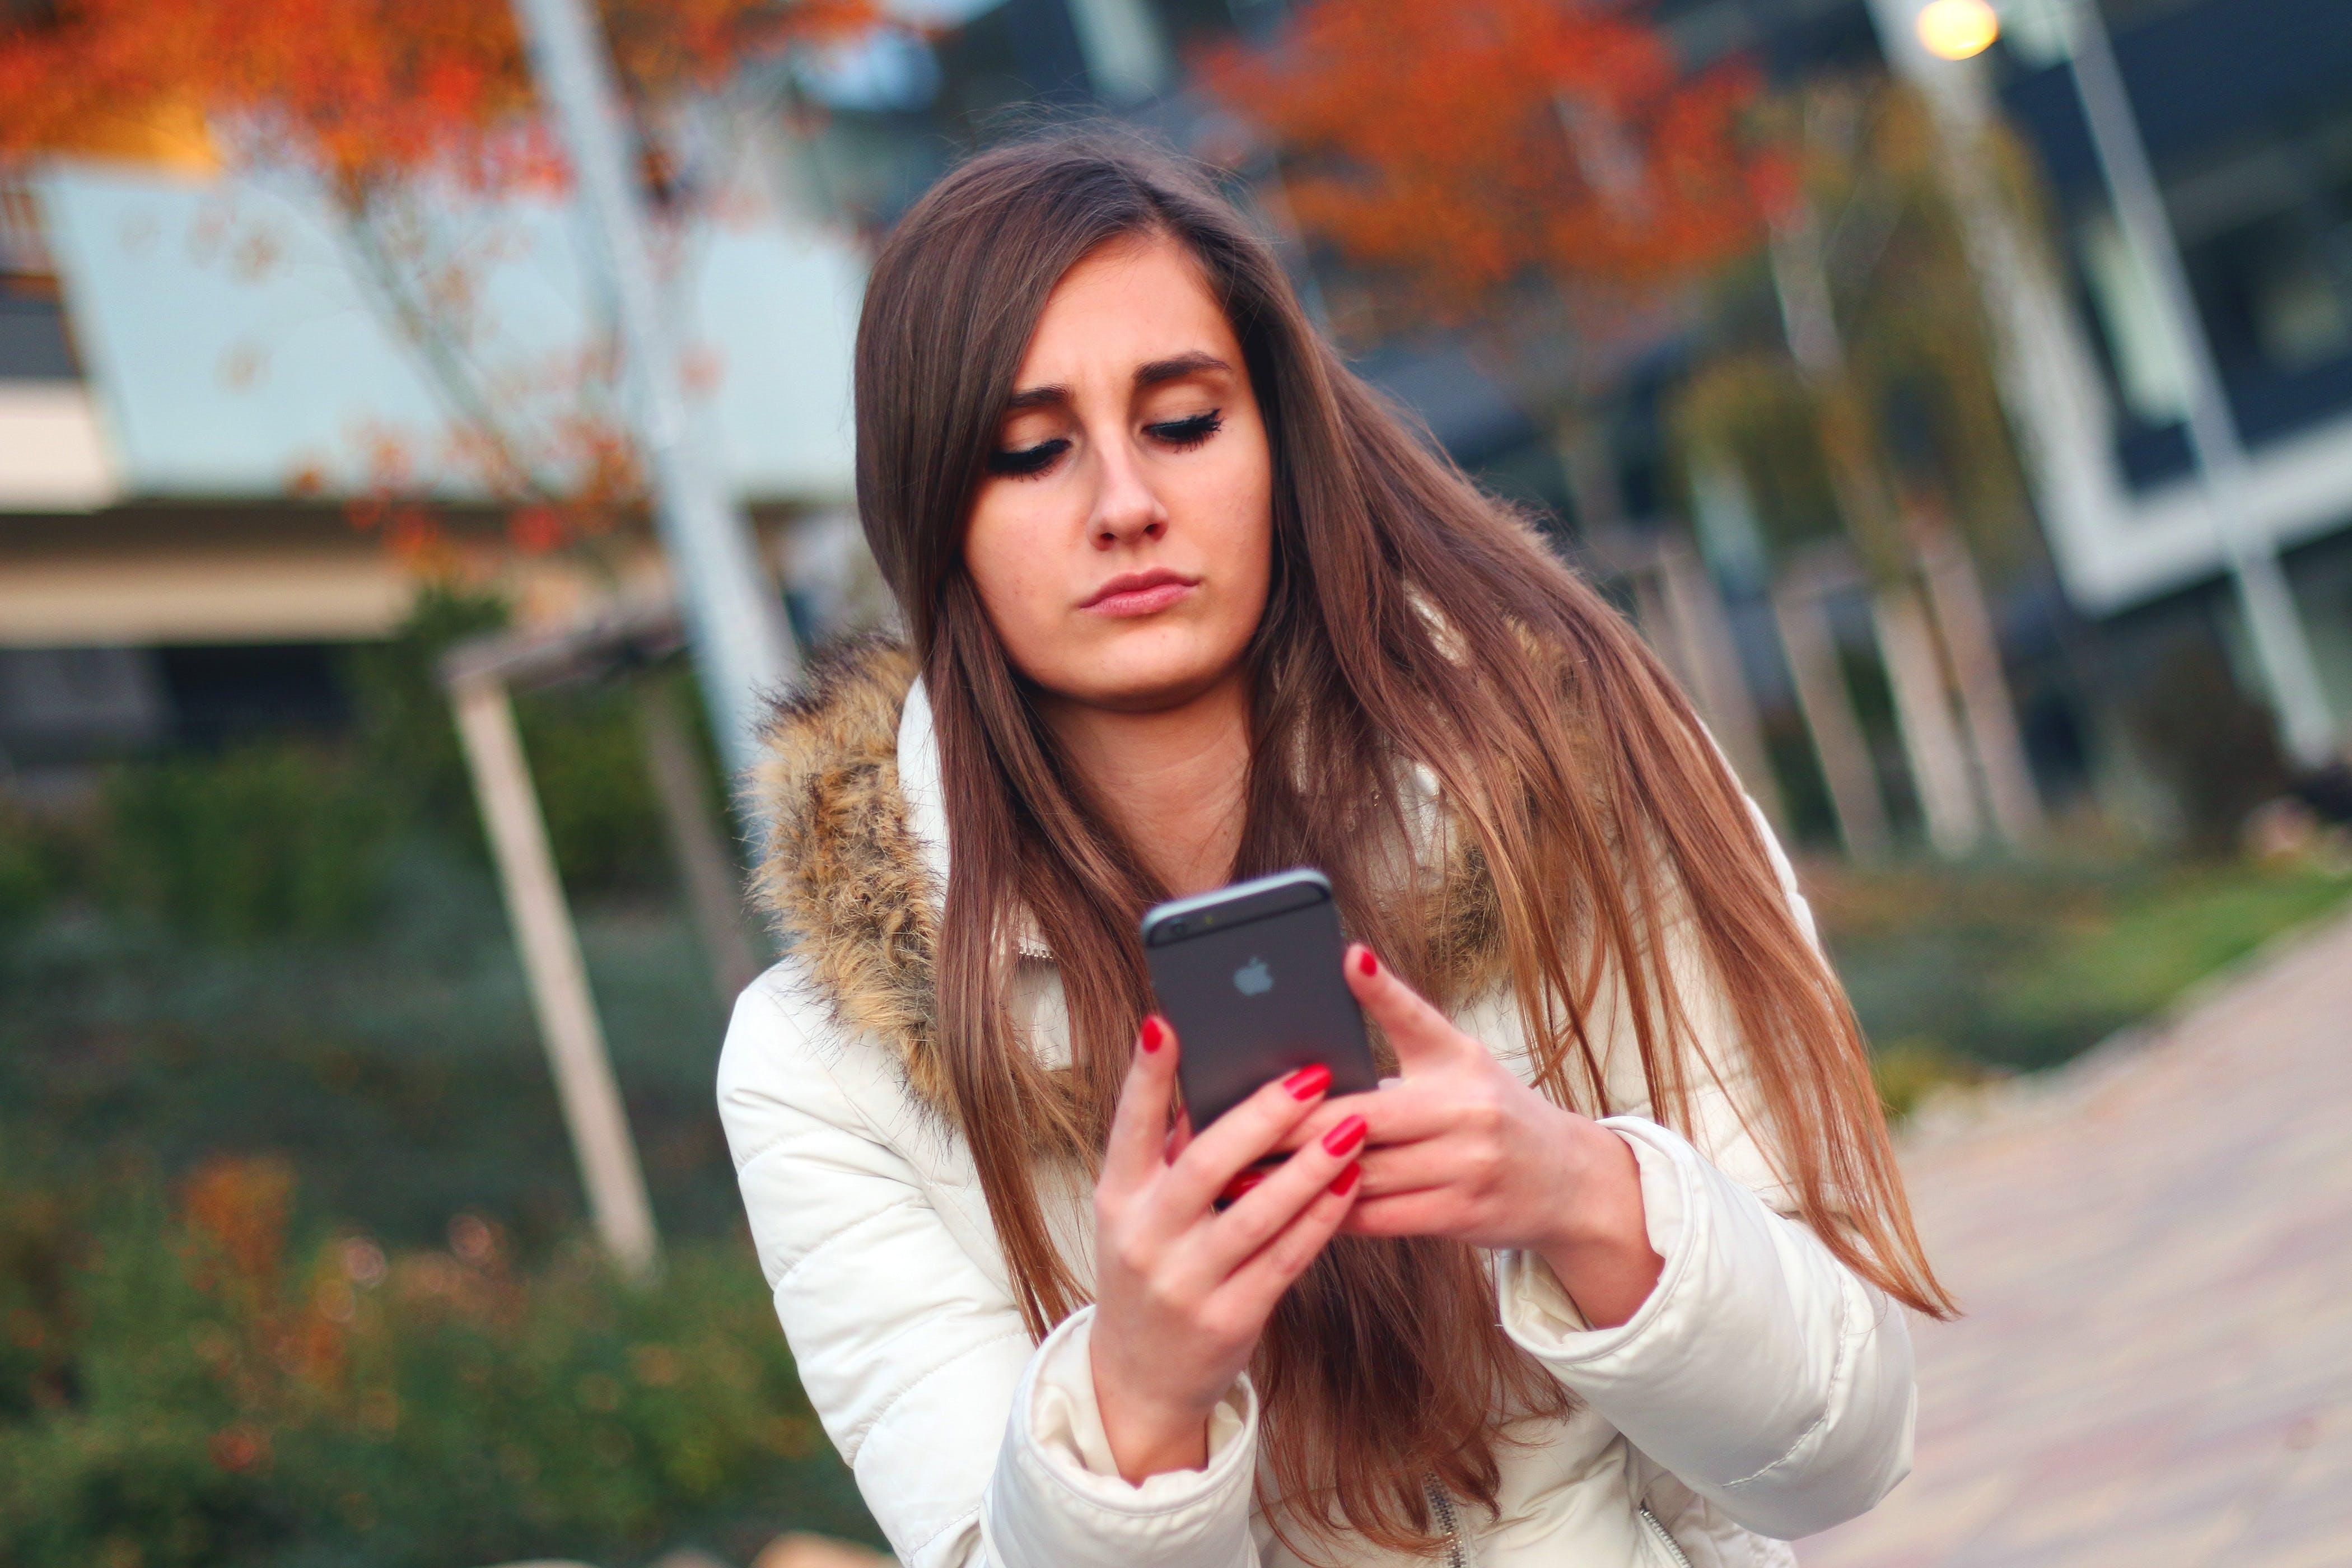 apple inc, brunette, cell phone